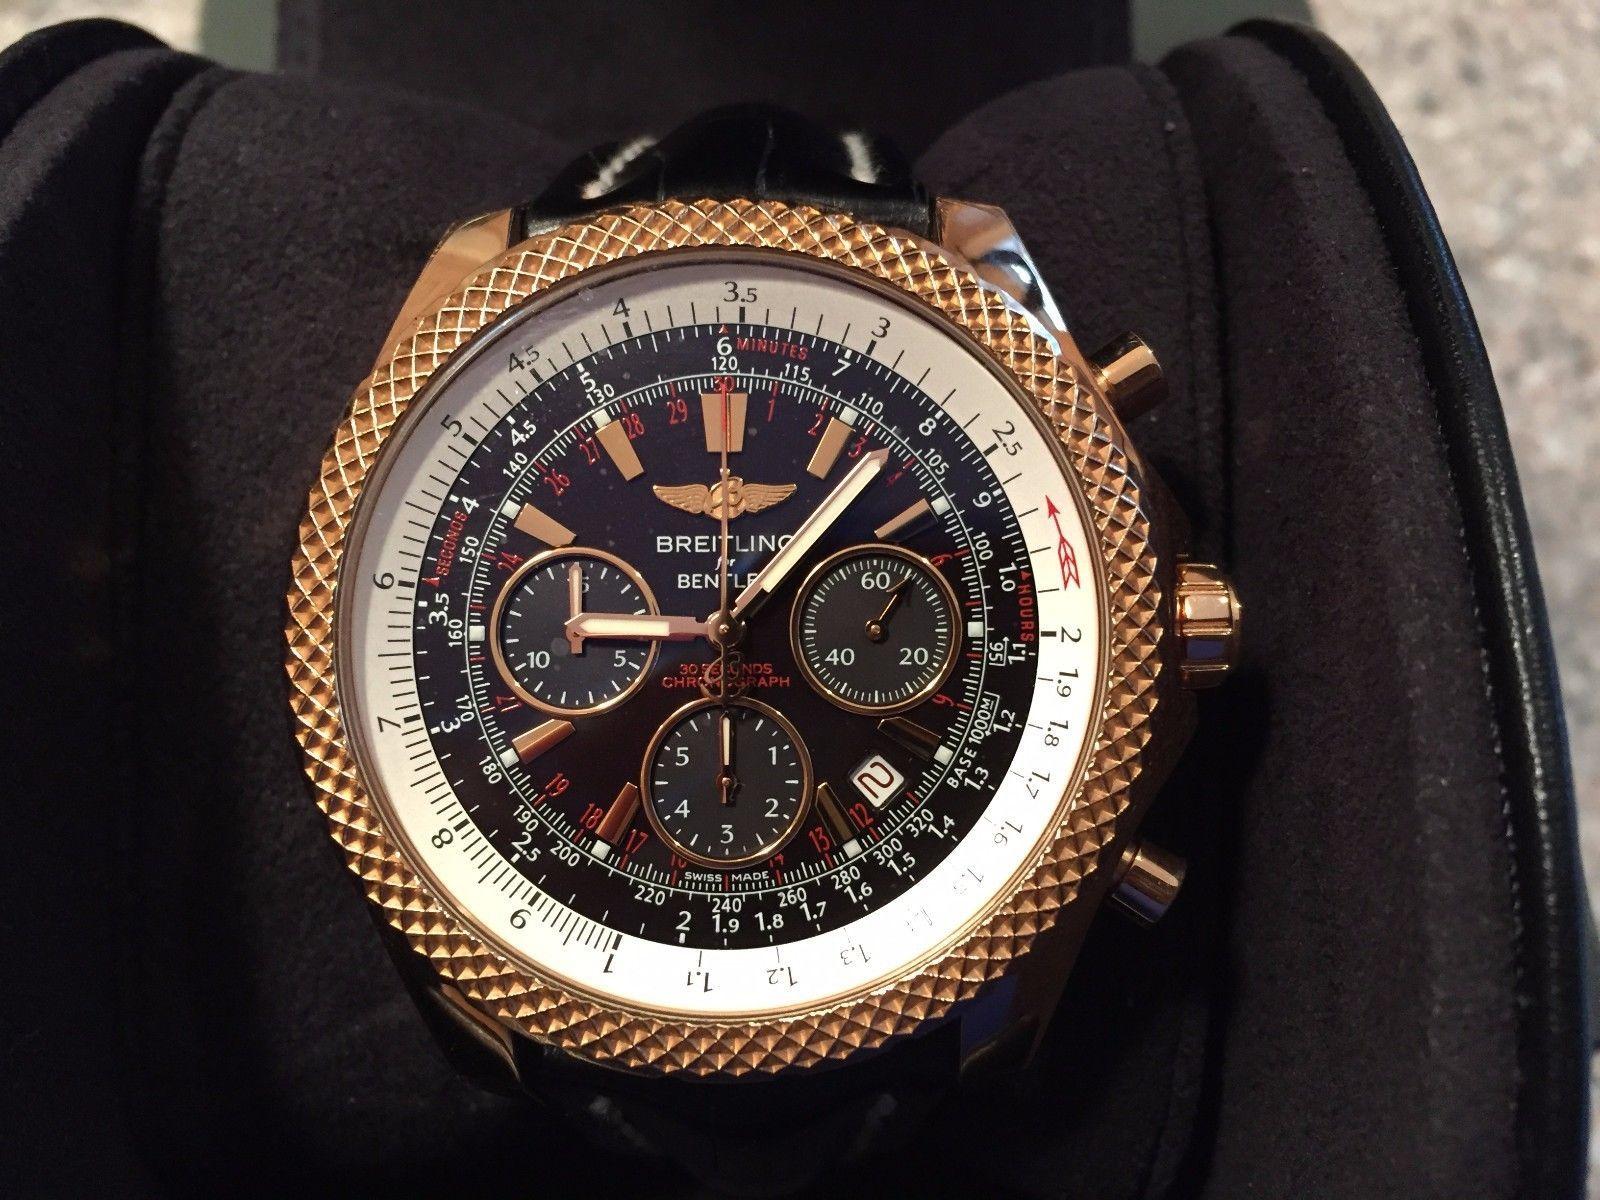 В интернет-магазине watchparadise вы можете купить точные копии наручных часов breitling bentley по самым низким ценам в москве и санкт-петербурге.